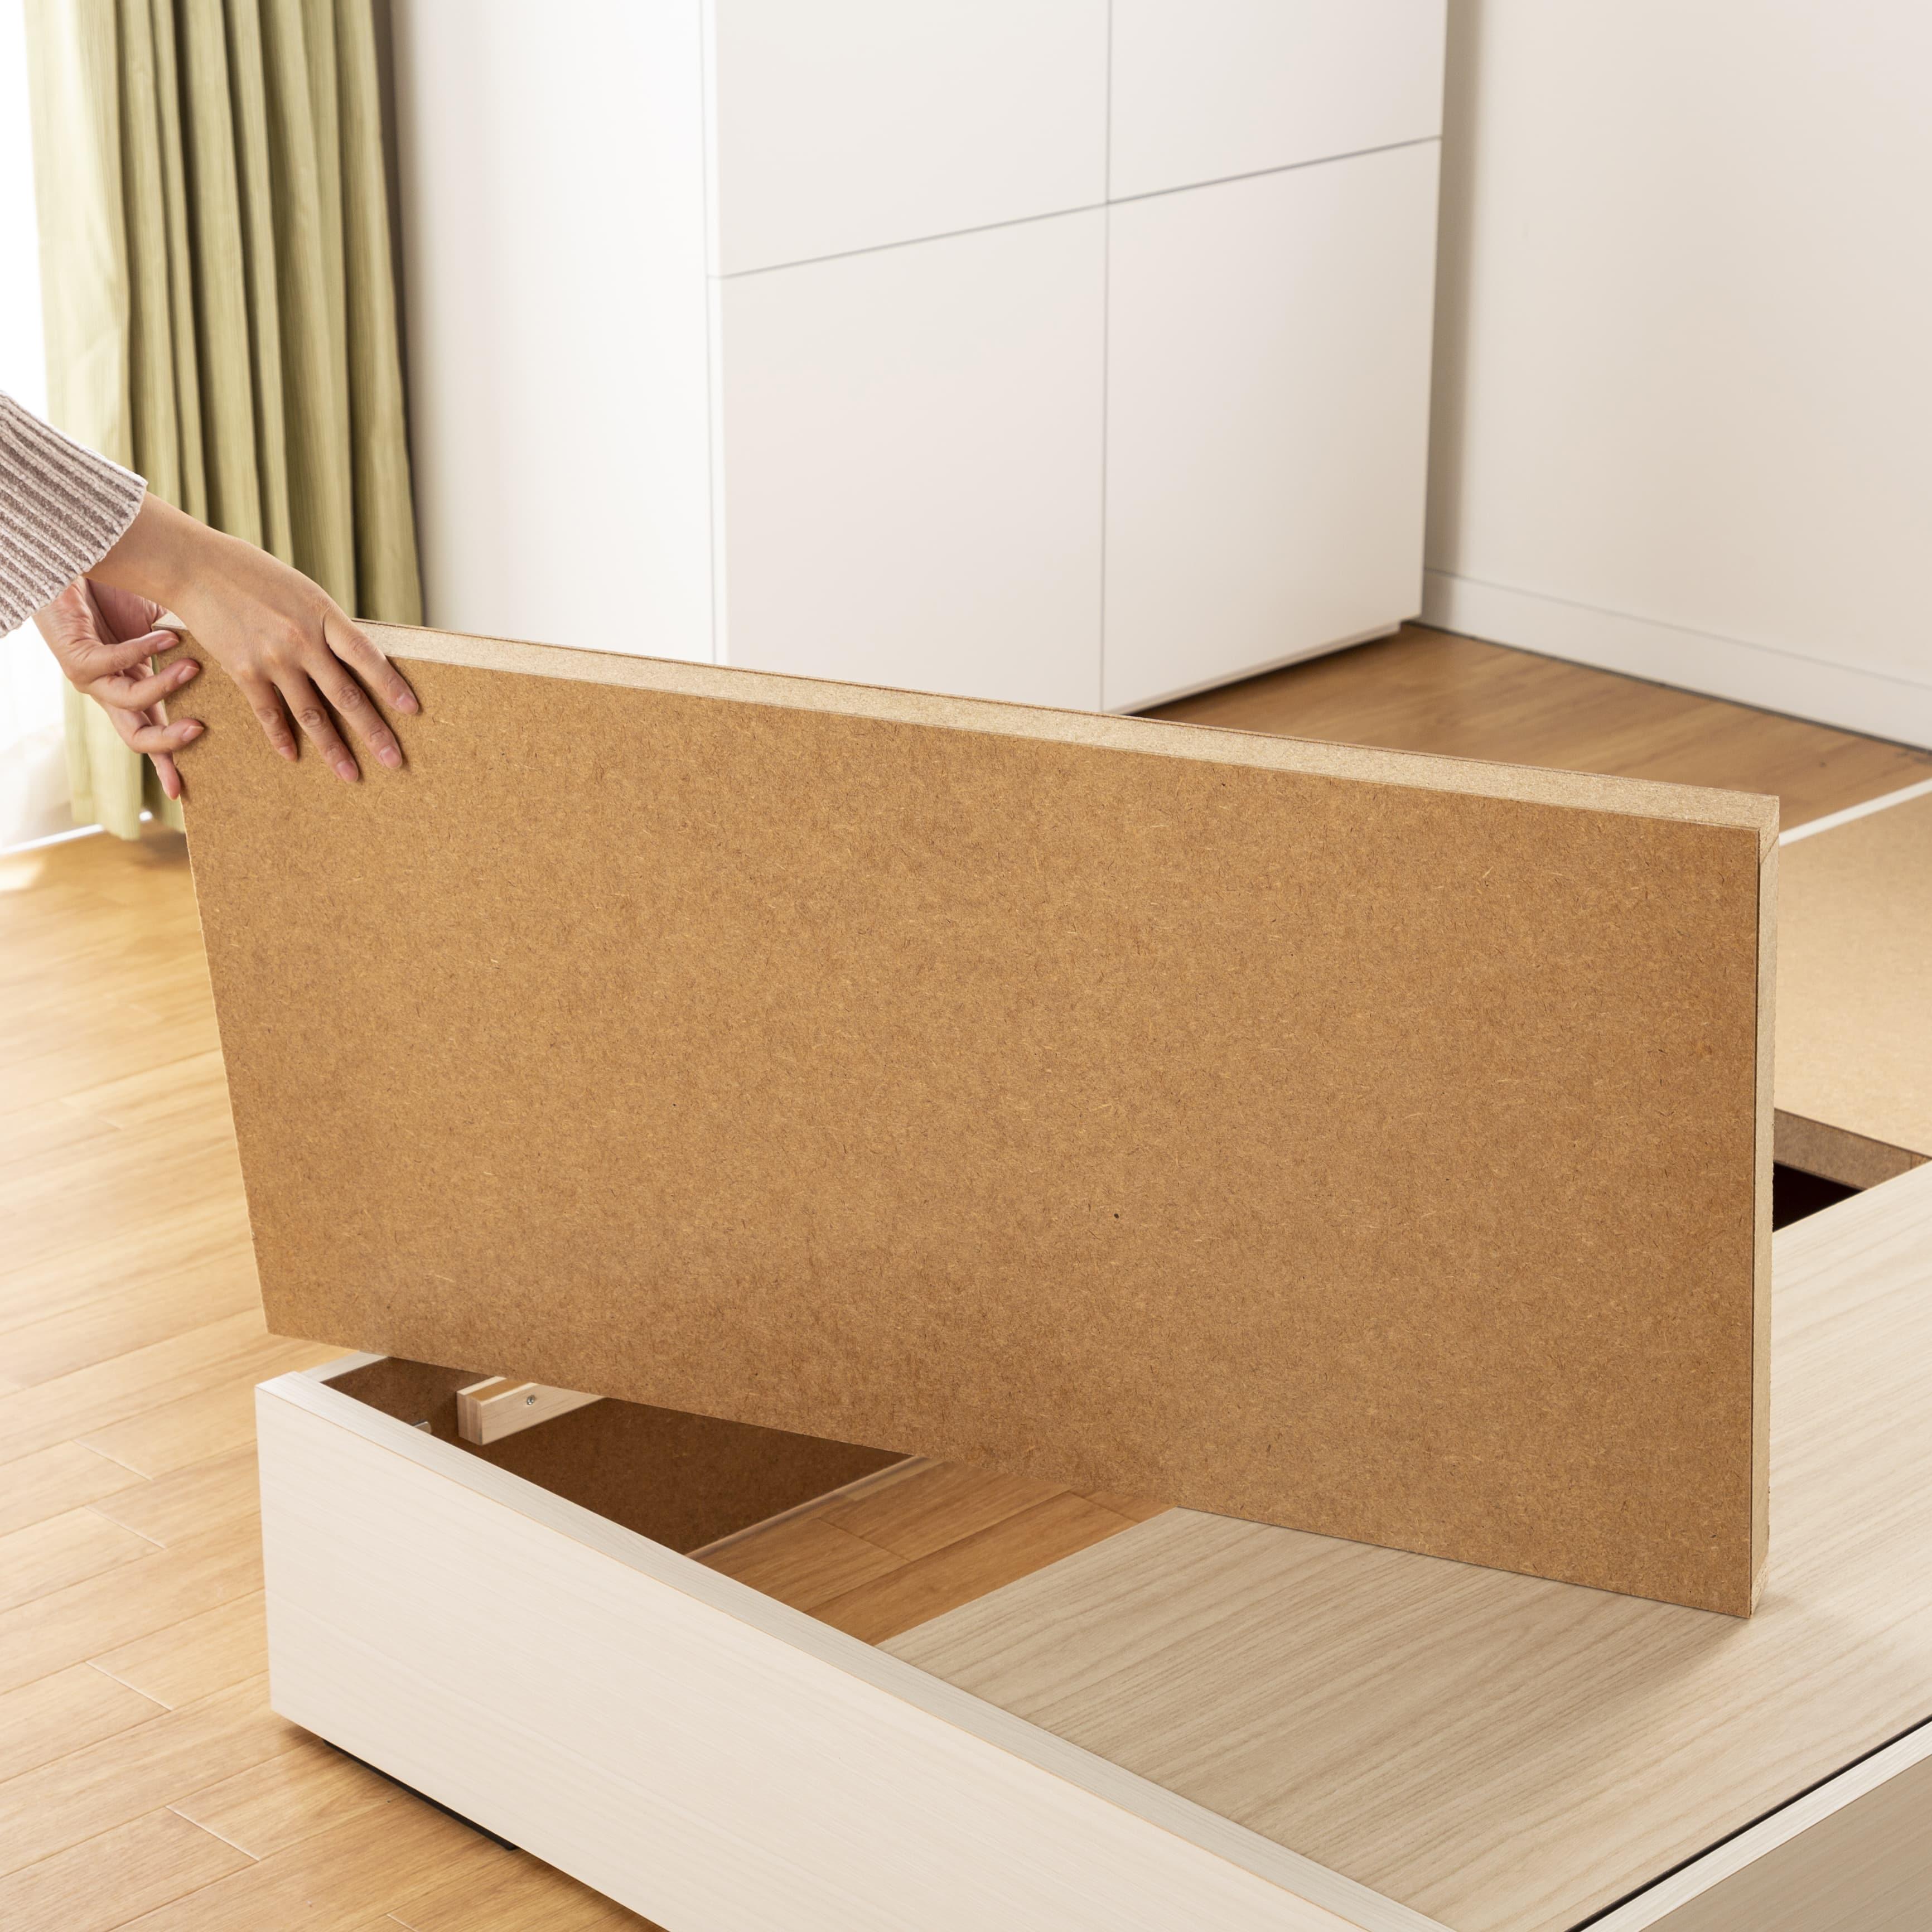 シングルベッド コスモプラス�U/BO−030 ウォールナット:しっかり安定感のある床板